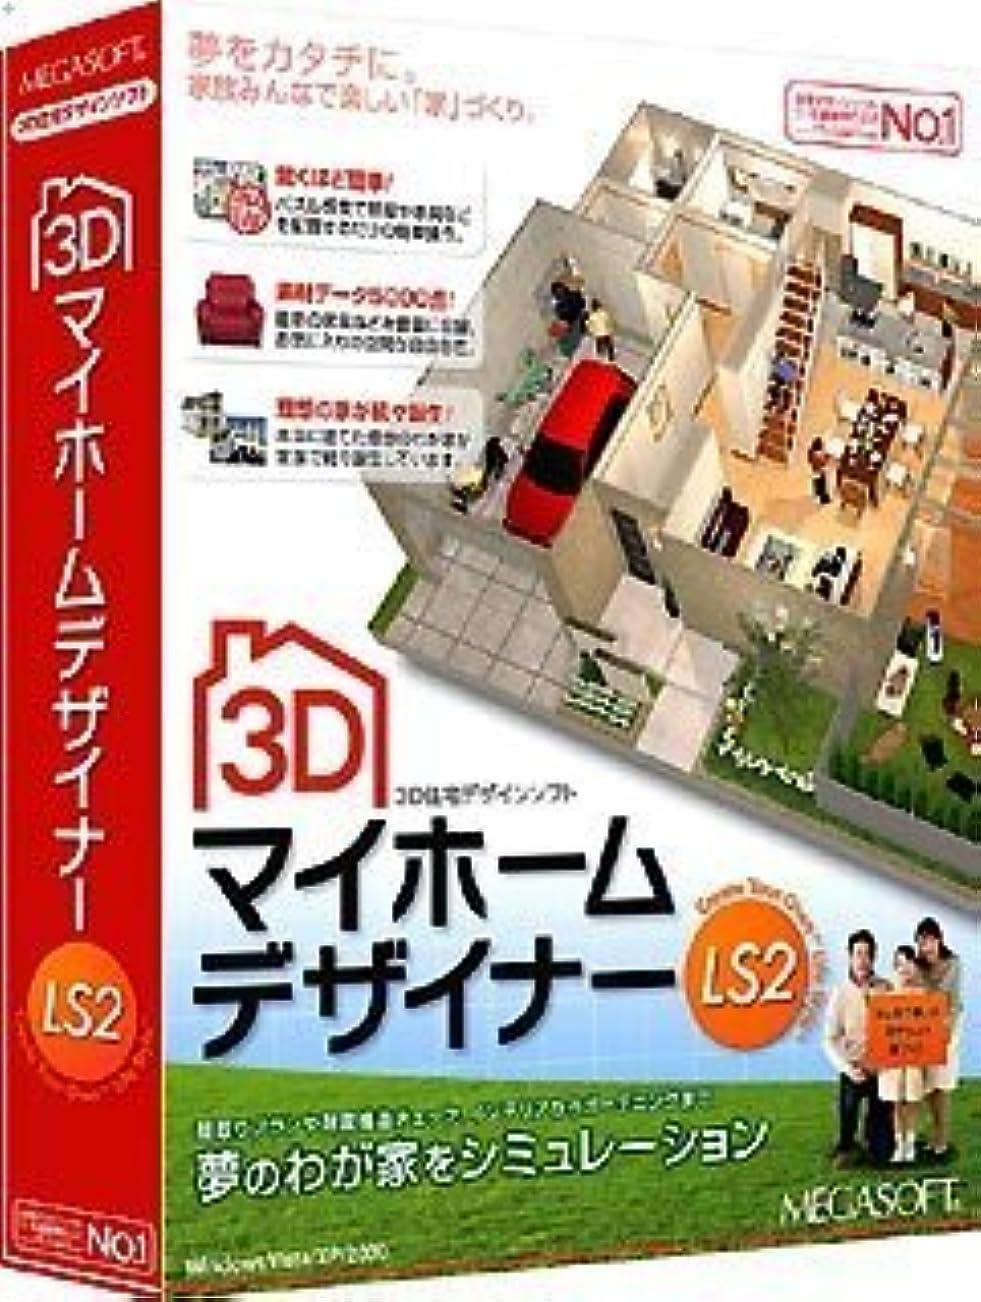 砂のじゃない夕方3D マイホームデザイナー LS2